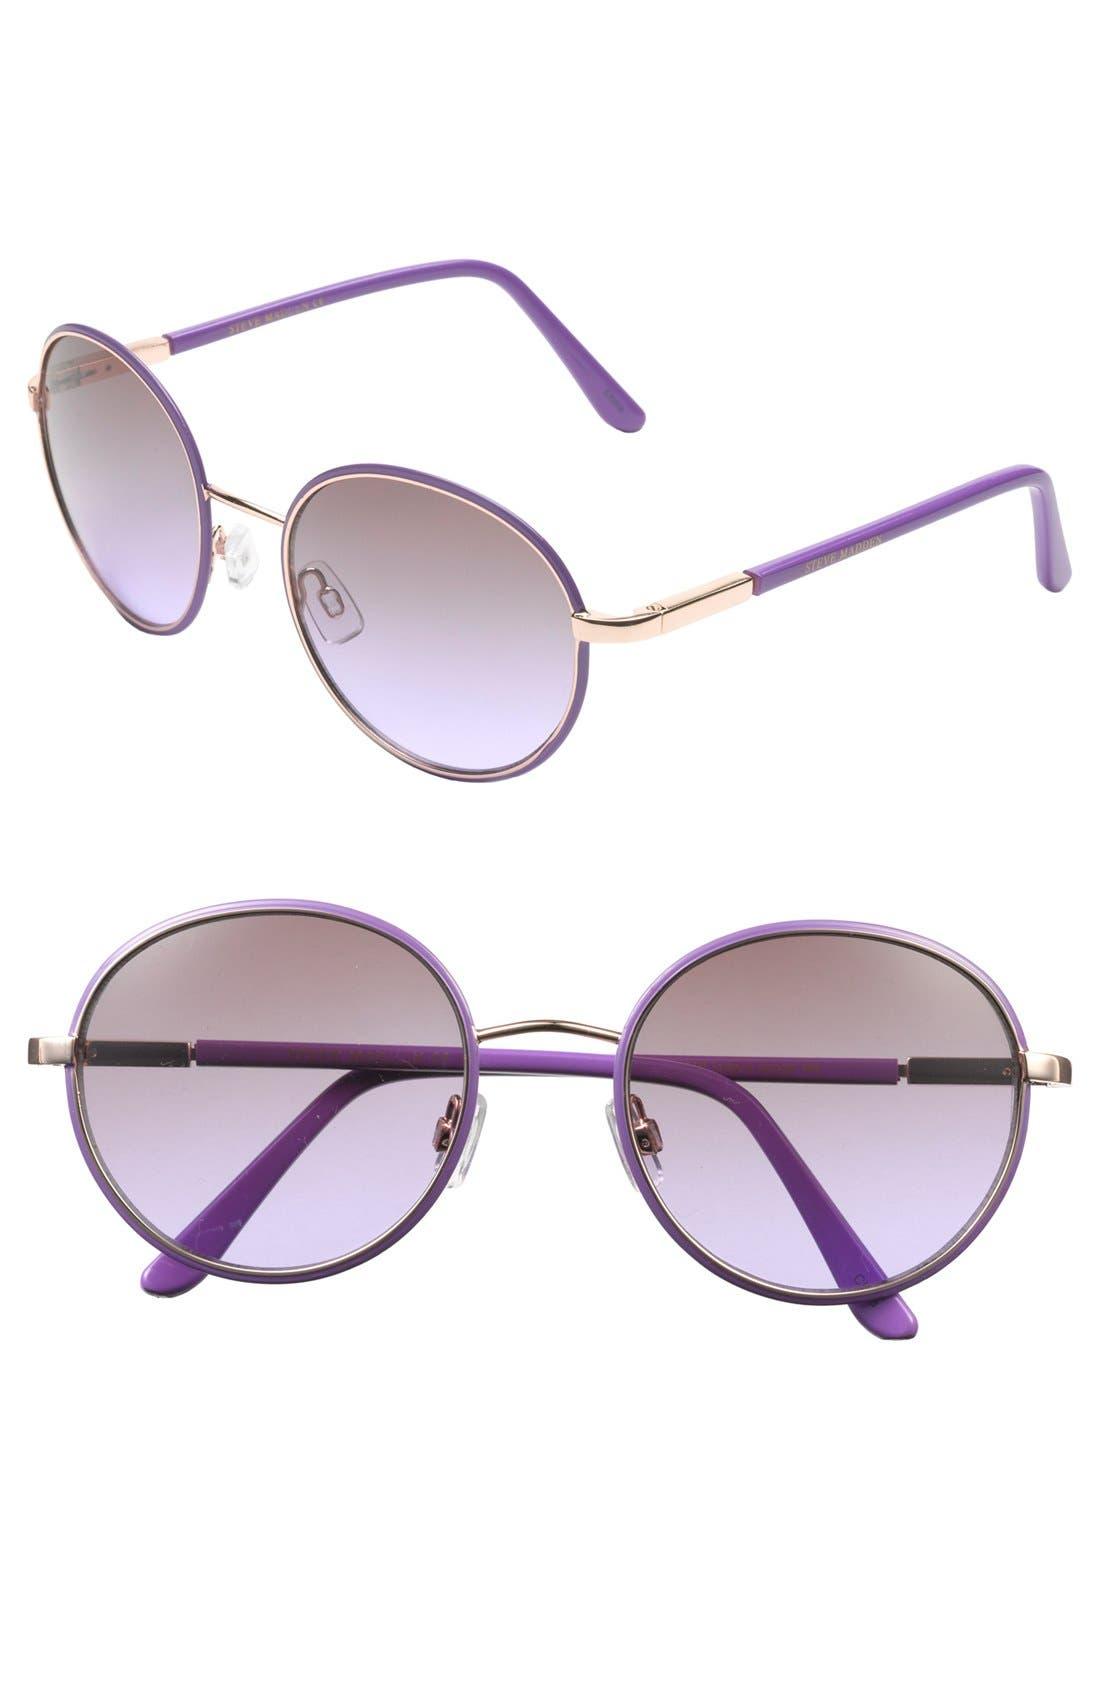 Alternate Image 1 Selected - Steve Madden Oval Sunglasses